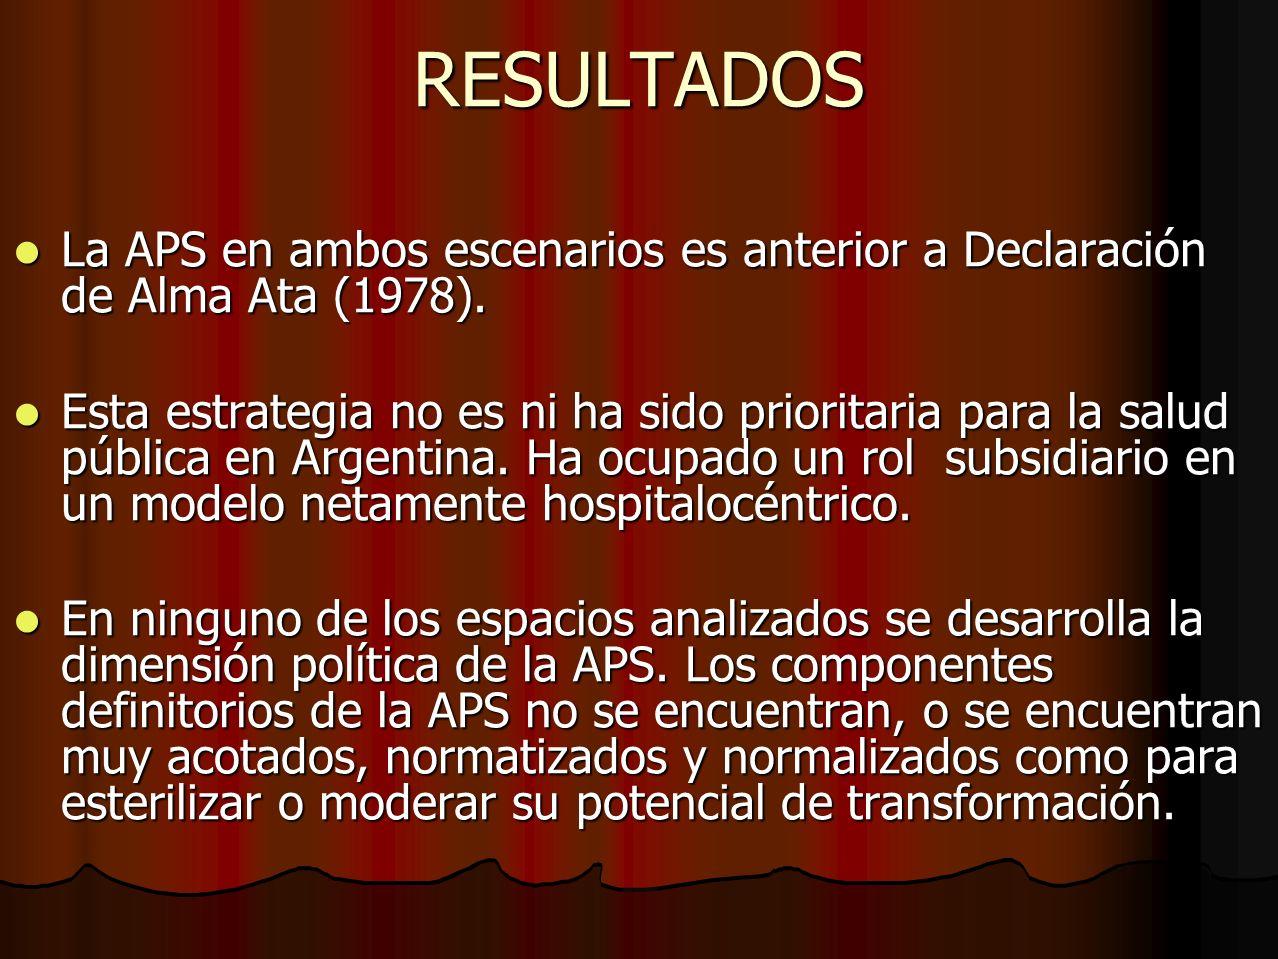 RESULTADOS La APS en ambos escenarios es anterior a Declaración de Alma Ata (1978).